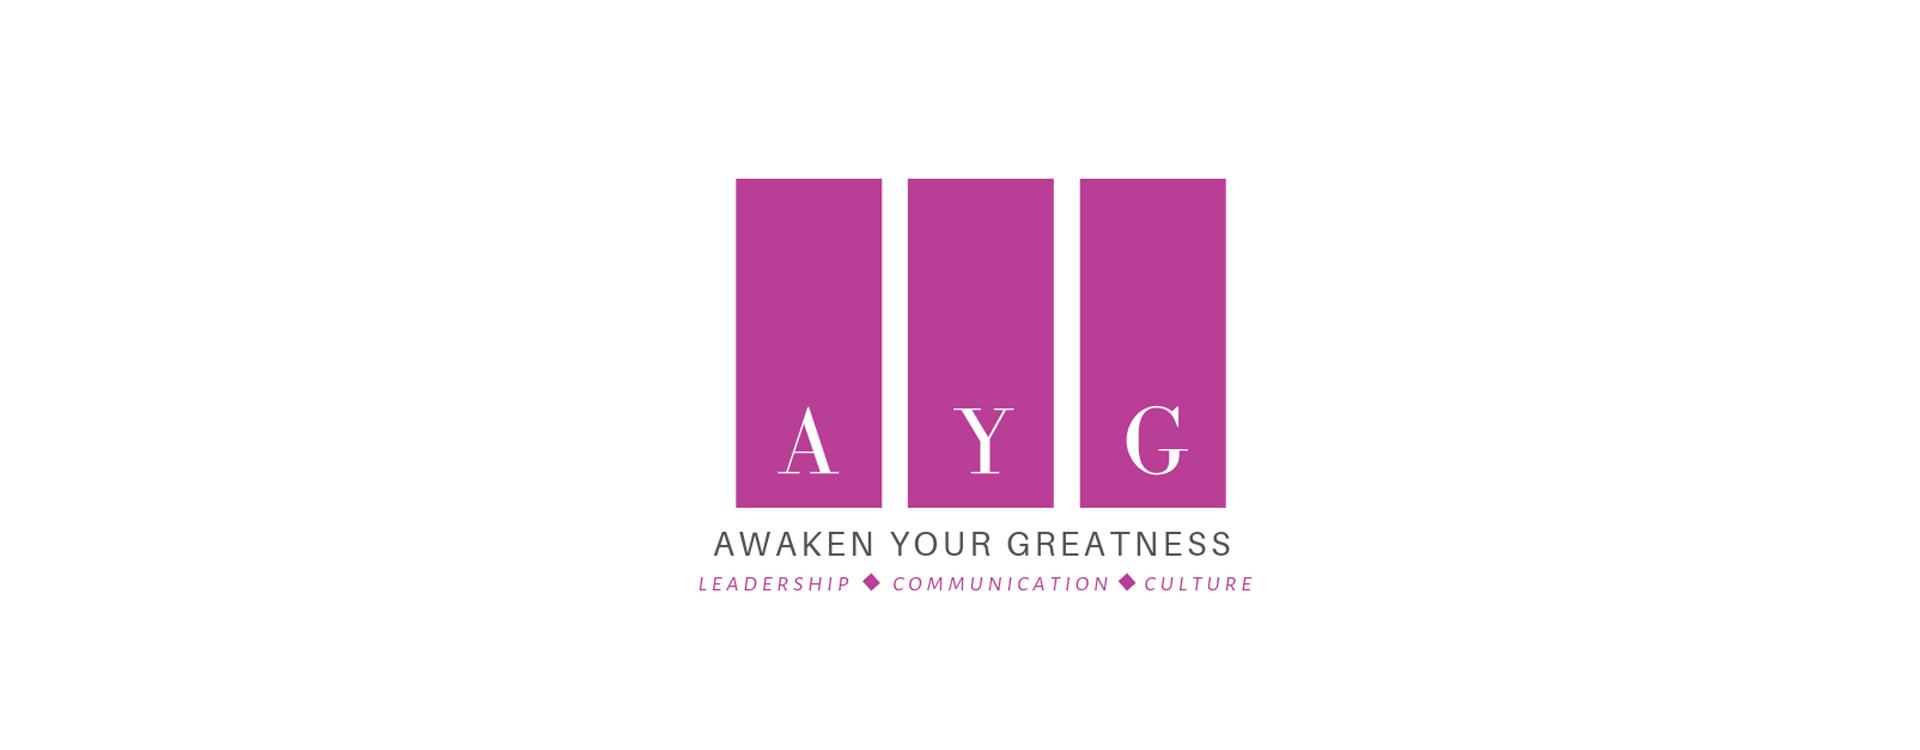 Awaken Your Greatness